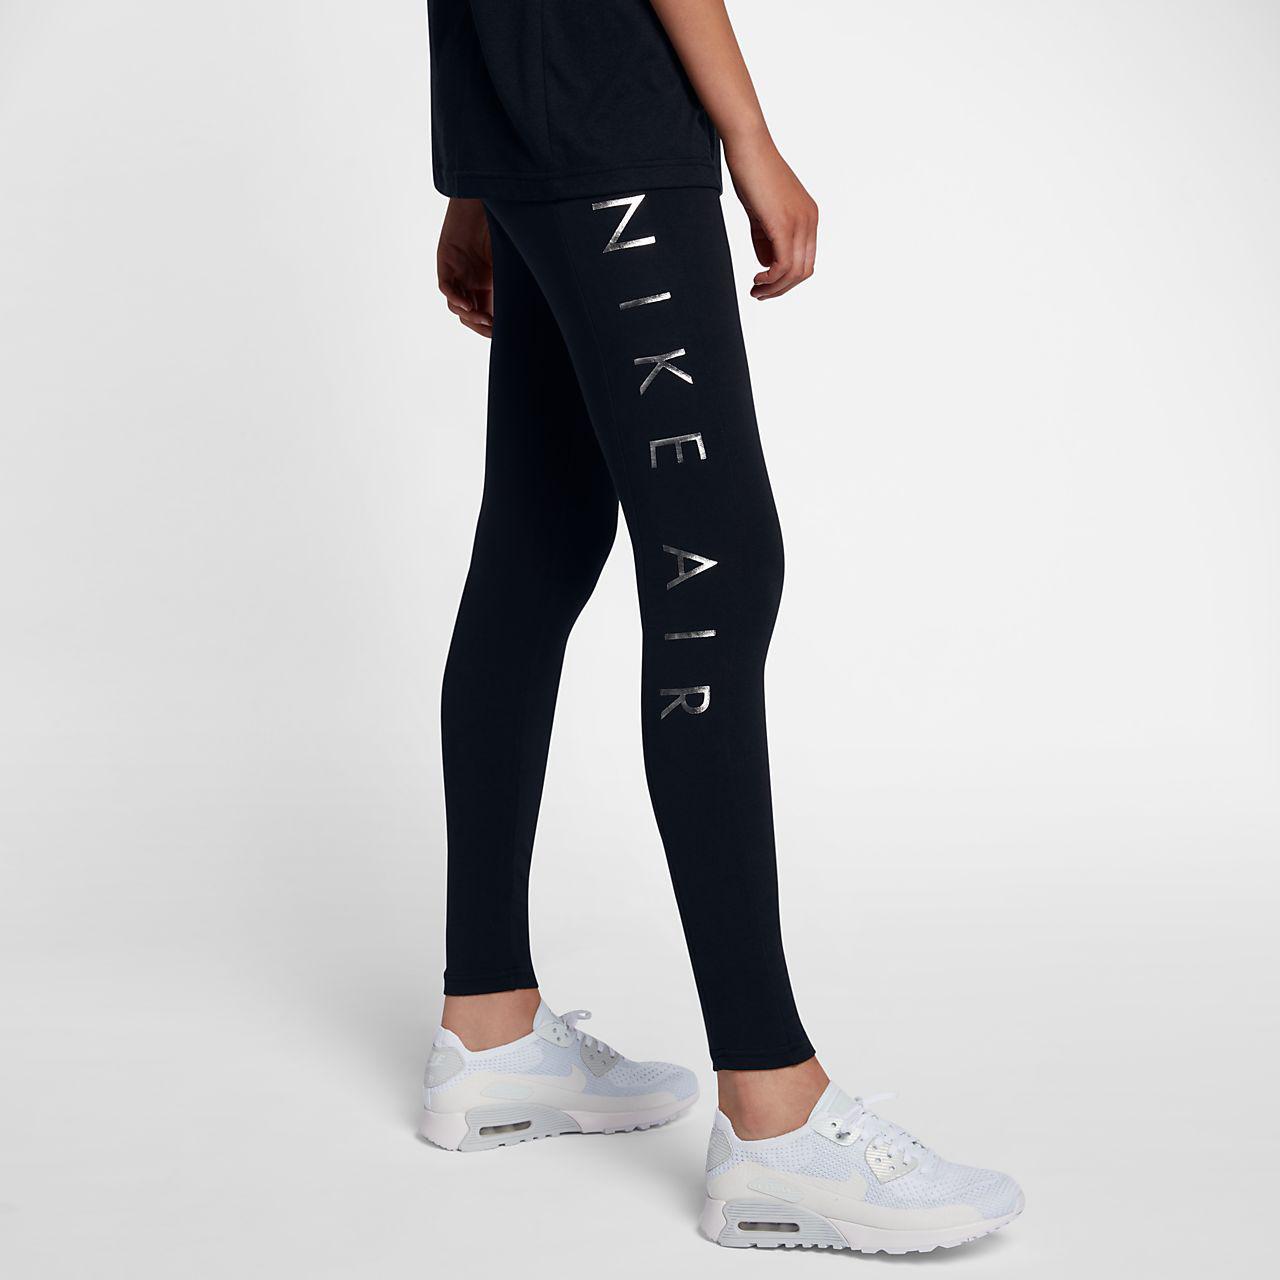 9da24a2d Лосины женские Nike Sportswear Air Leggings Black/Black 856025-015, цена 1  199 грн., купить в Ивано-Франковске — Prom.ua (ID#691373205)